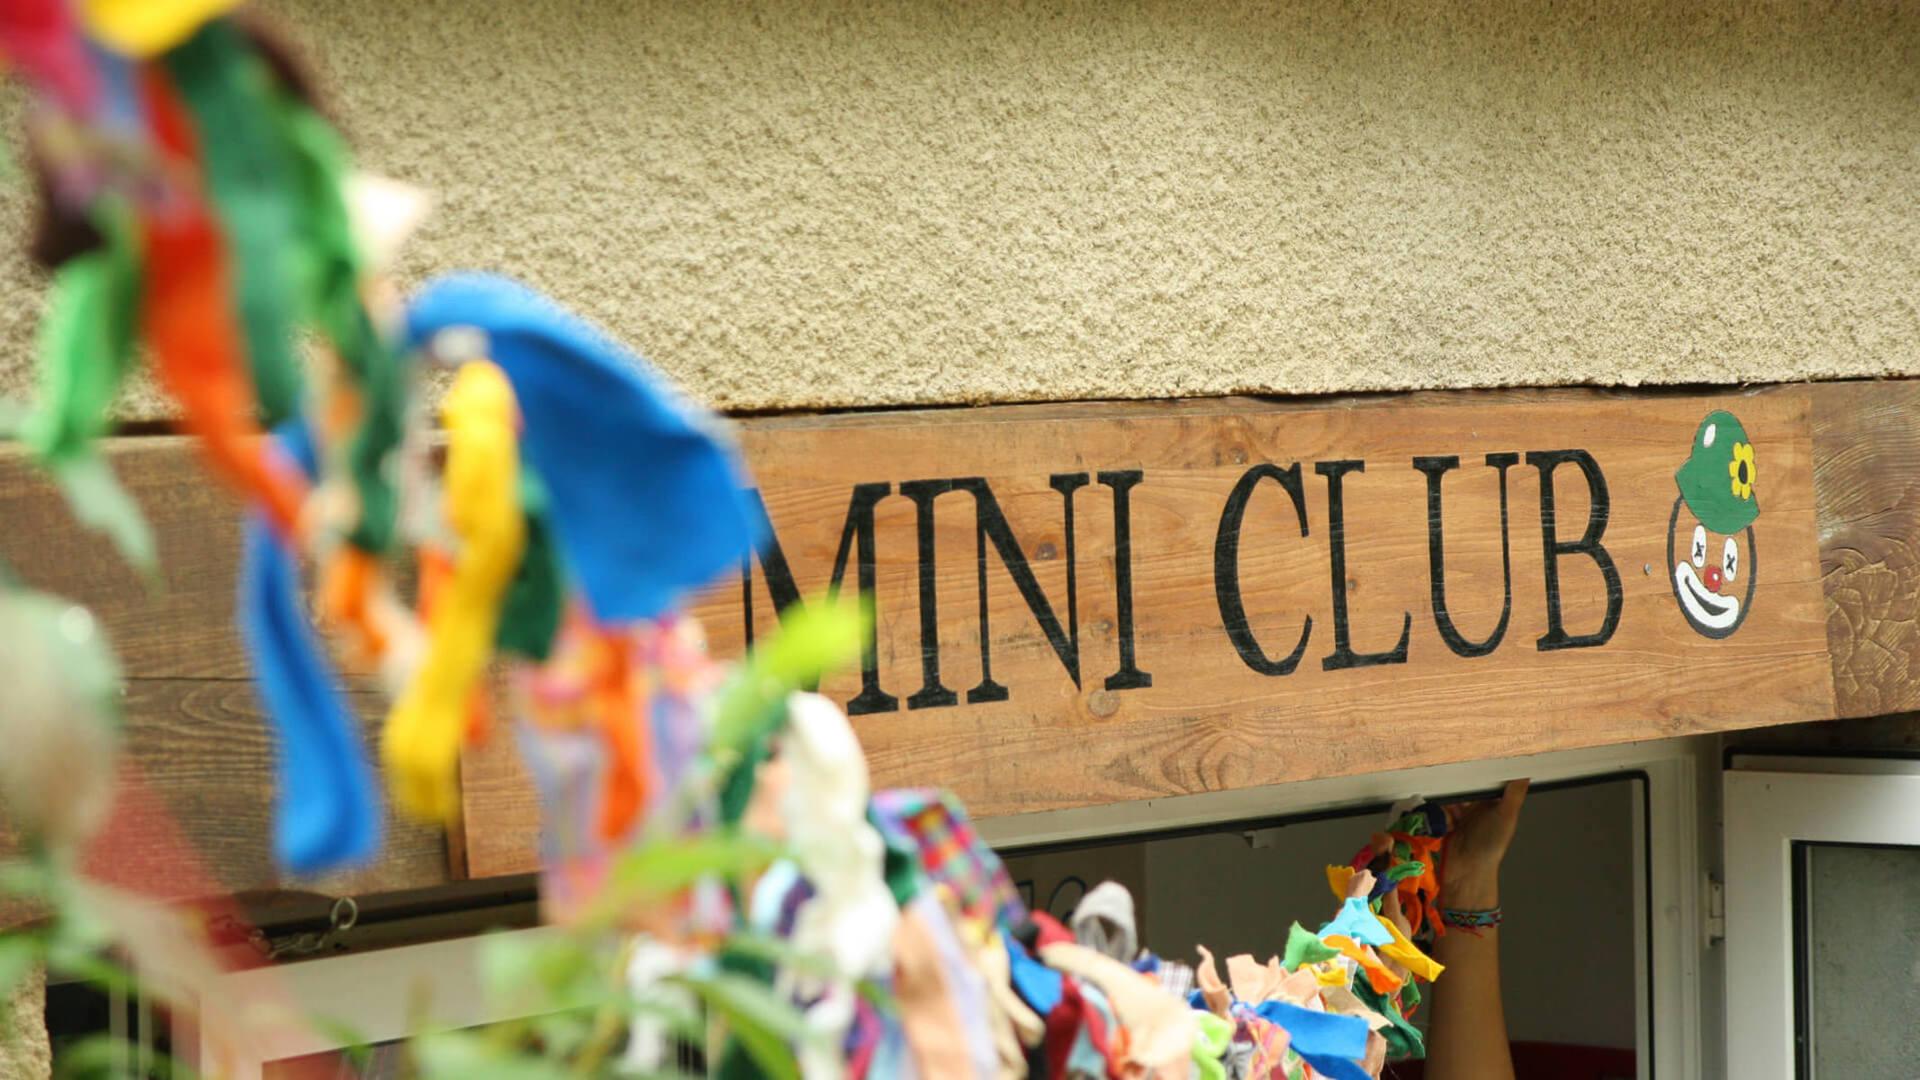 FKK-Campingplatz Miniclub